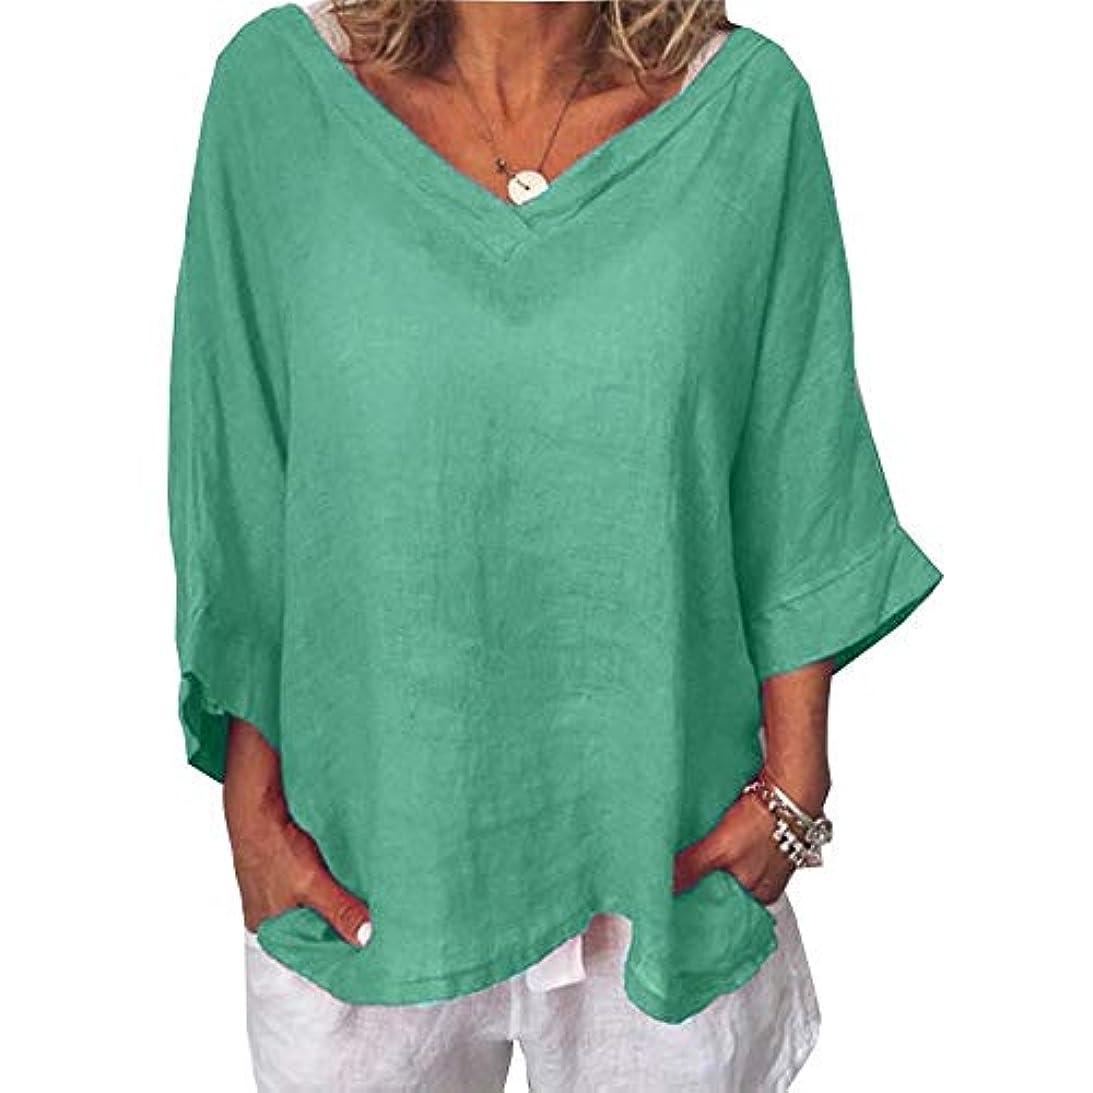 カストディアンによると野なMIFAN女性ファッションカジュアルVネックトップス無地長袖Tシャツルーズボヘミアンビーチウェア